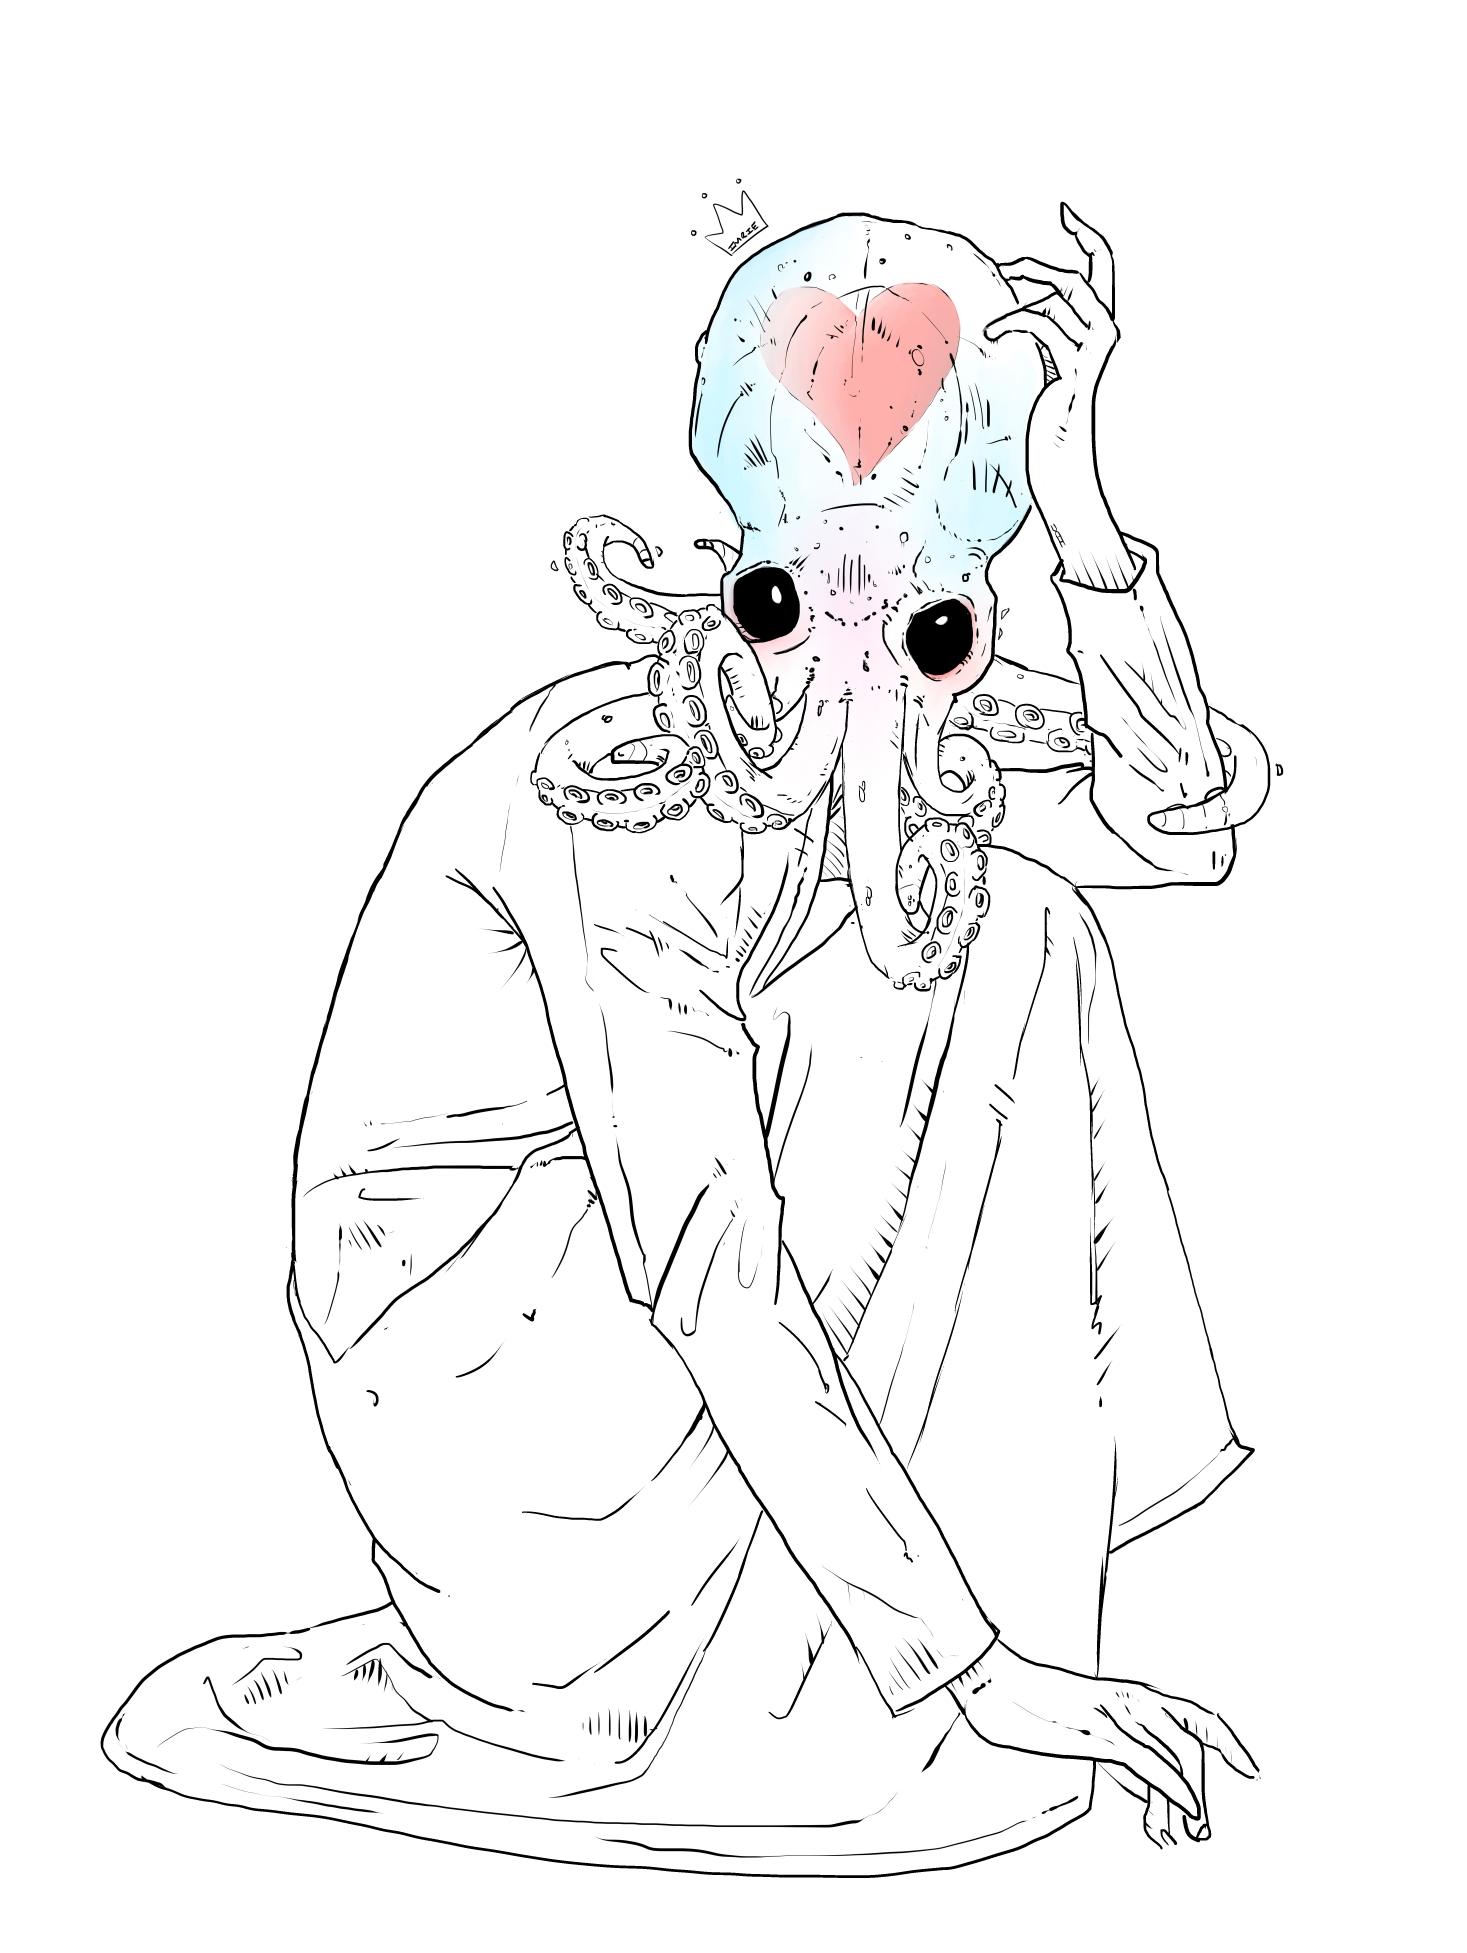 Everyone needs love (even creepy squid women)